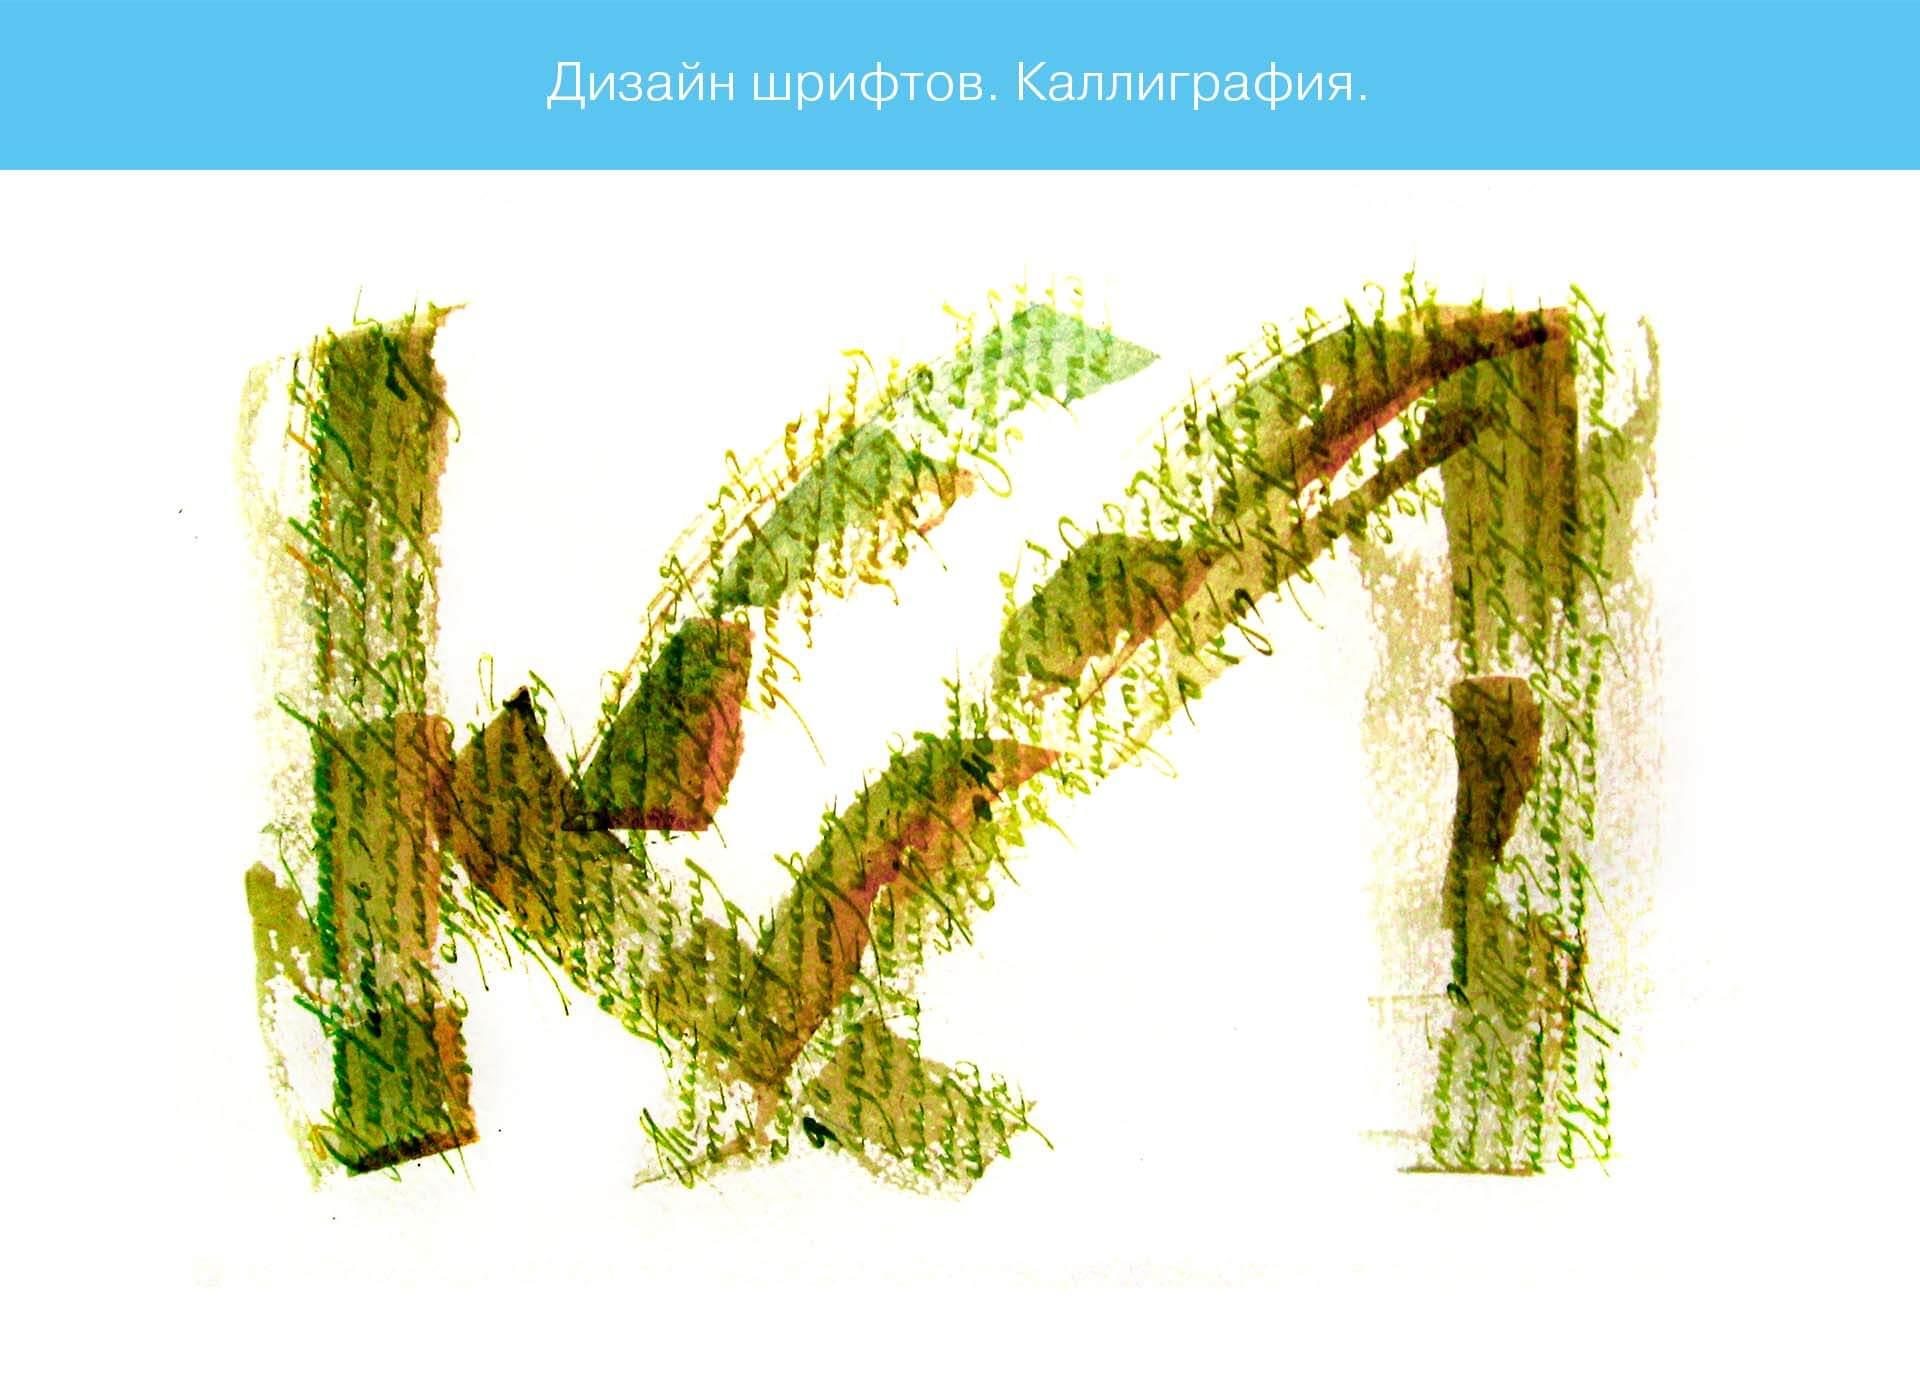 Prokochuk_Irina_font design_calligraphy_3